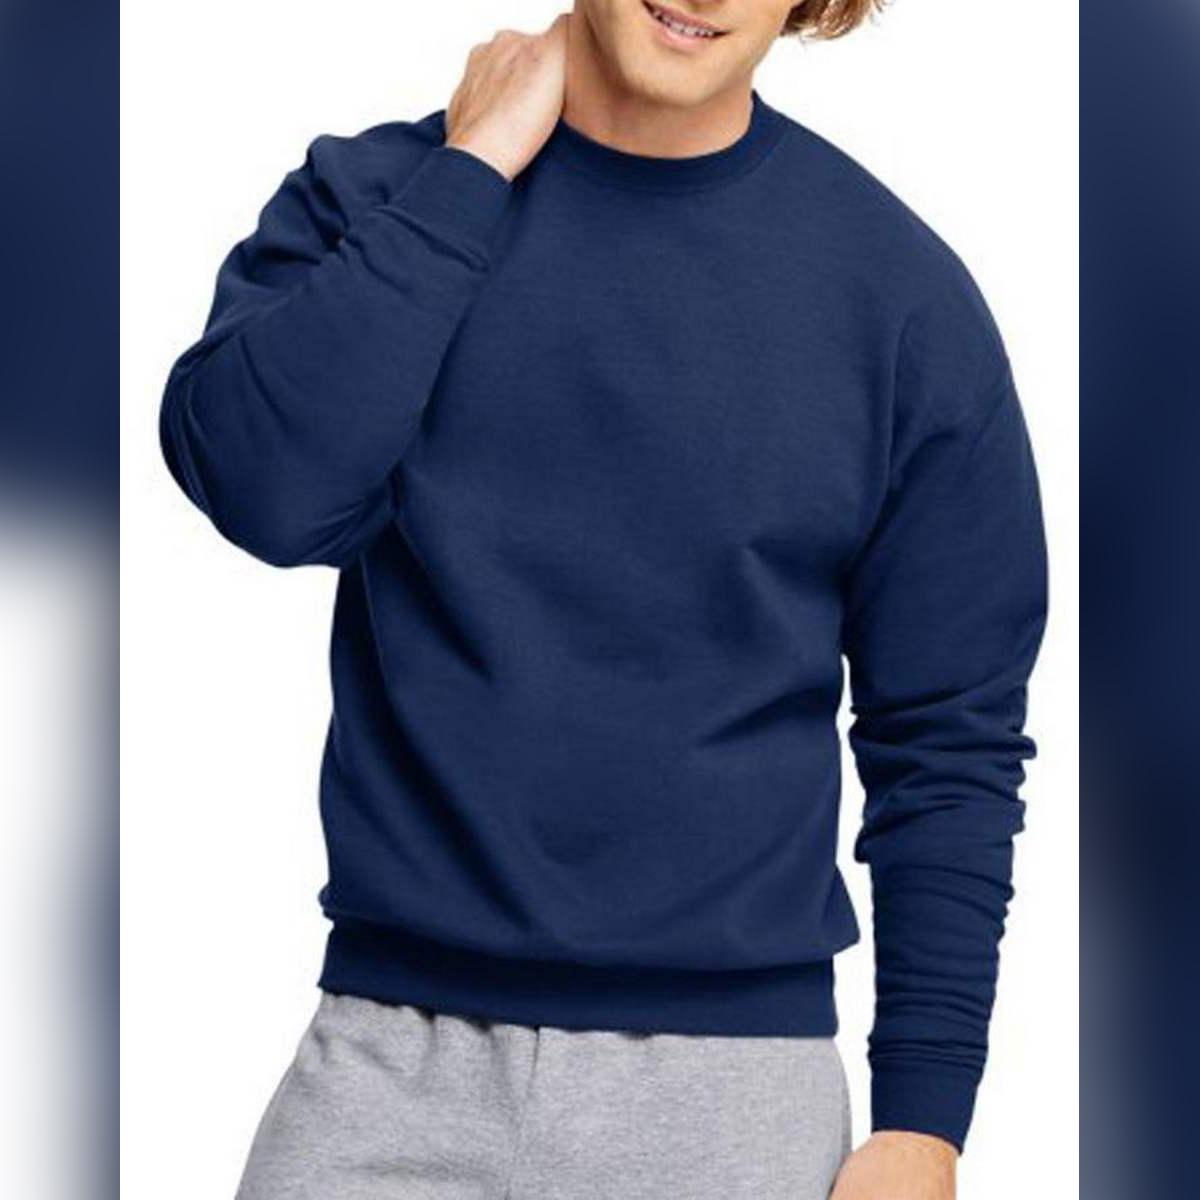 Men's Simple Blue Sweatshirt's Size S M L XL